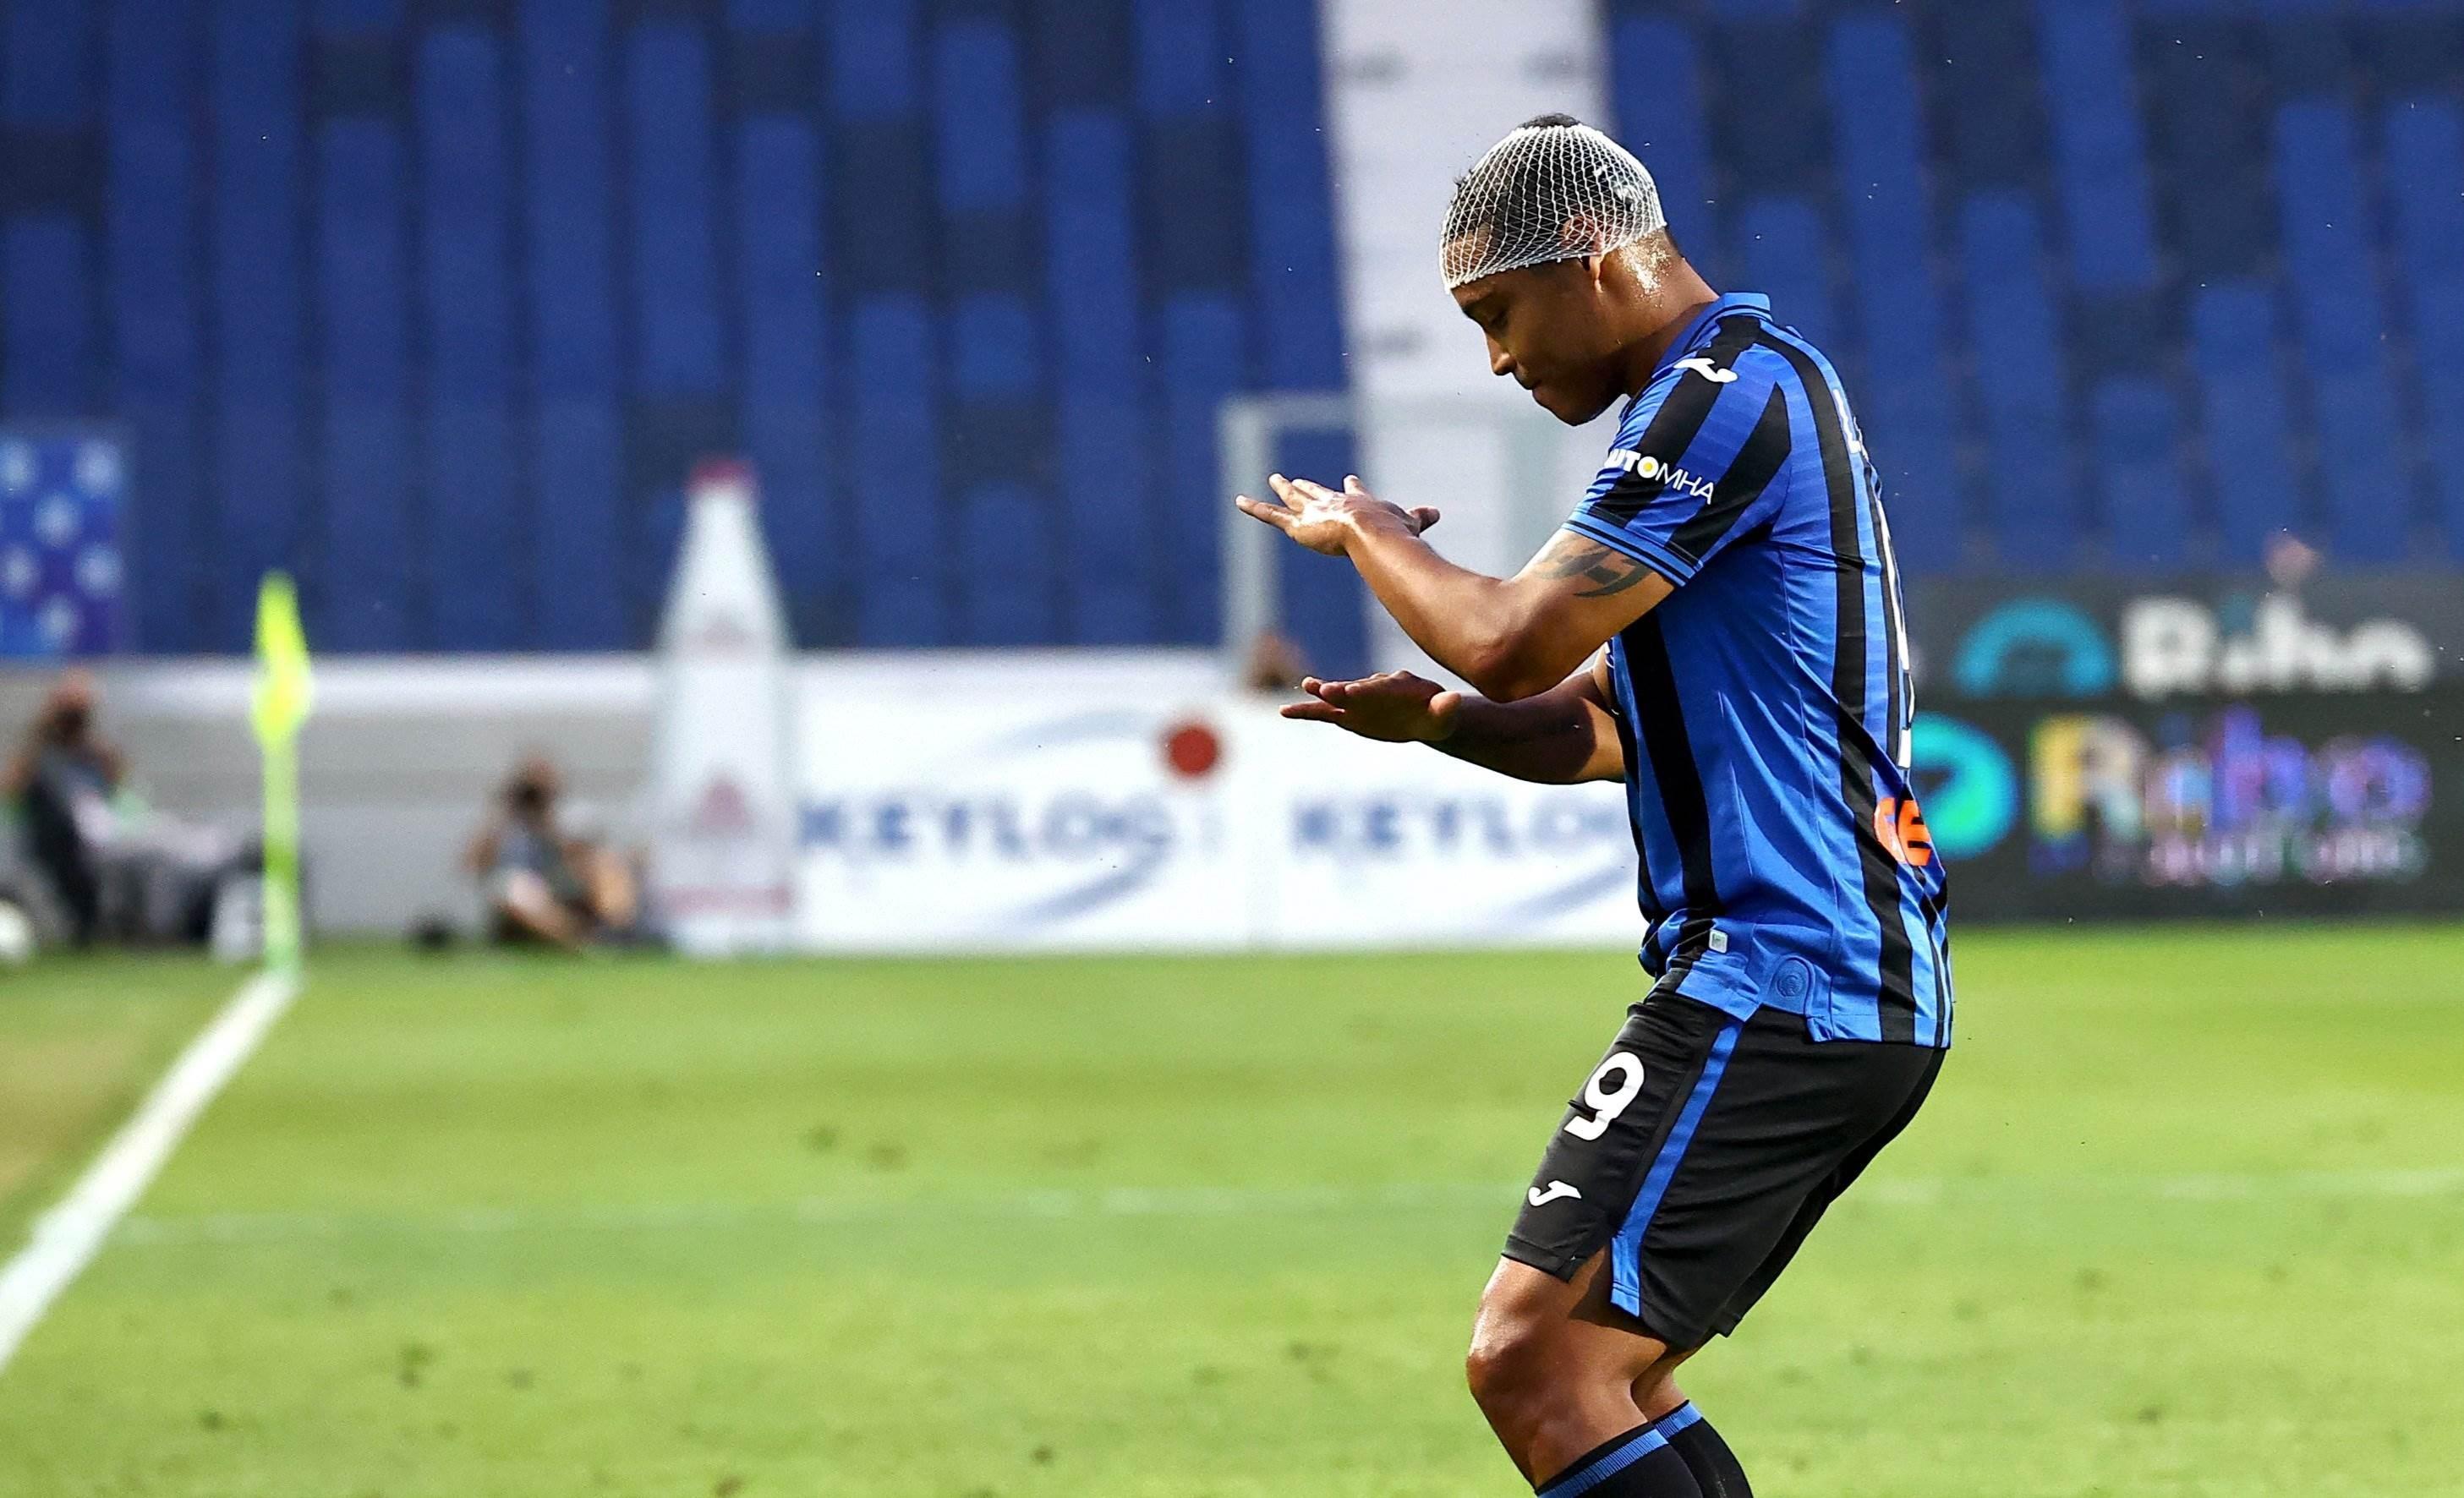 لويس مورييل محتفلاً بعد تسجيله هدف المباراة الوحيد